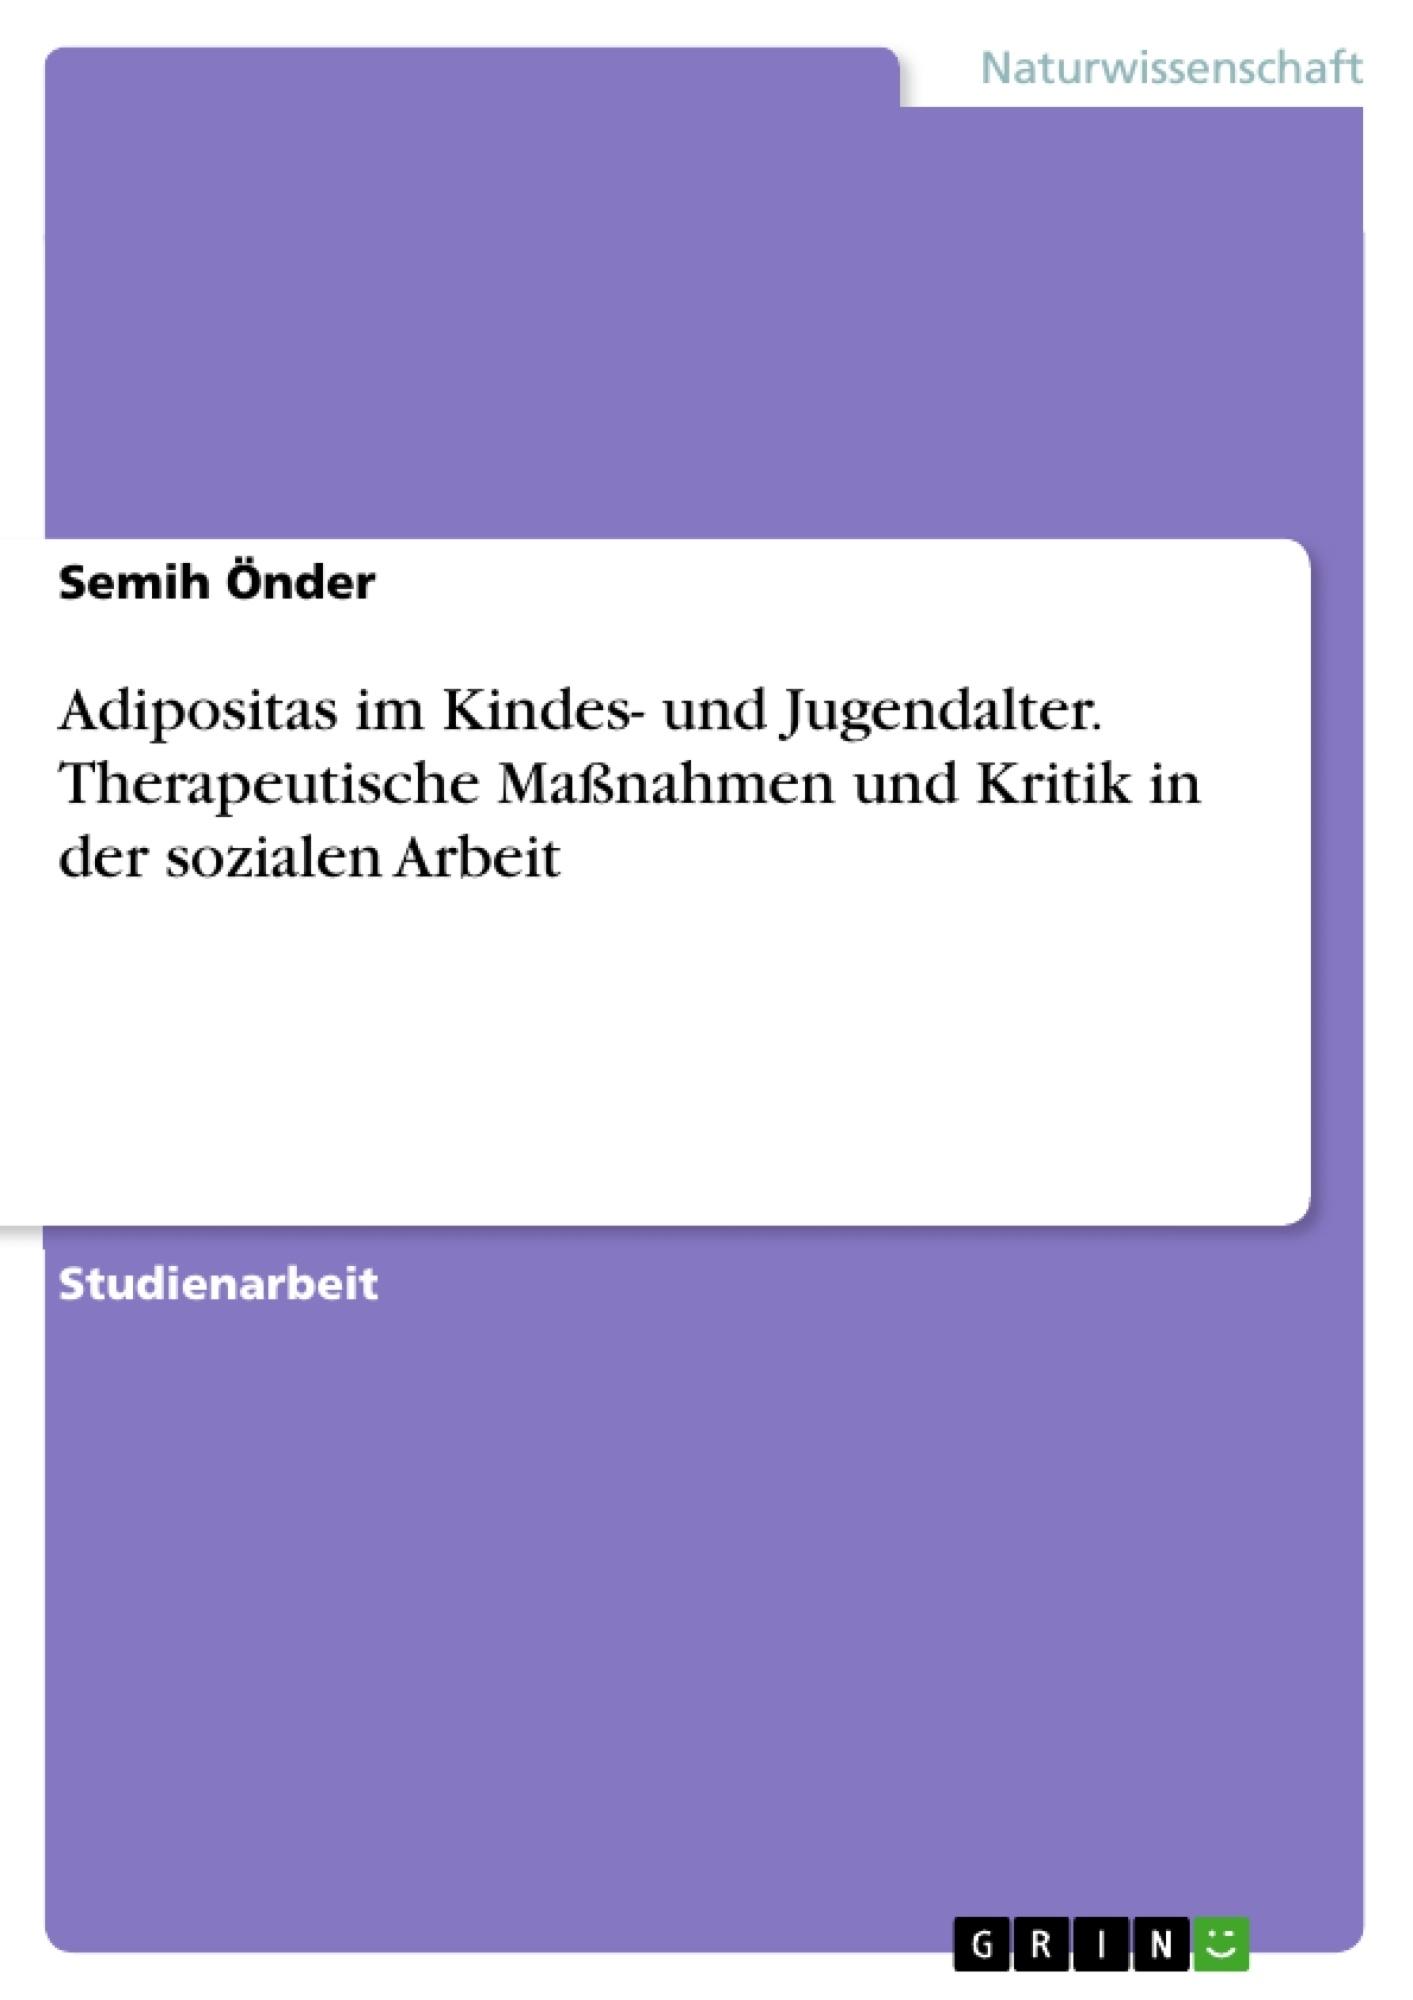 Titel: Adipositas im Kindes- und Jugendalter. Therapeutische Maßnahmen und Kritik in der sozialen Arbeit